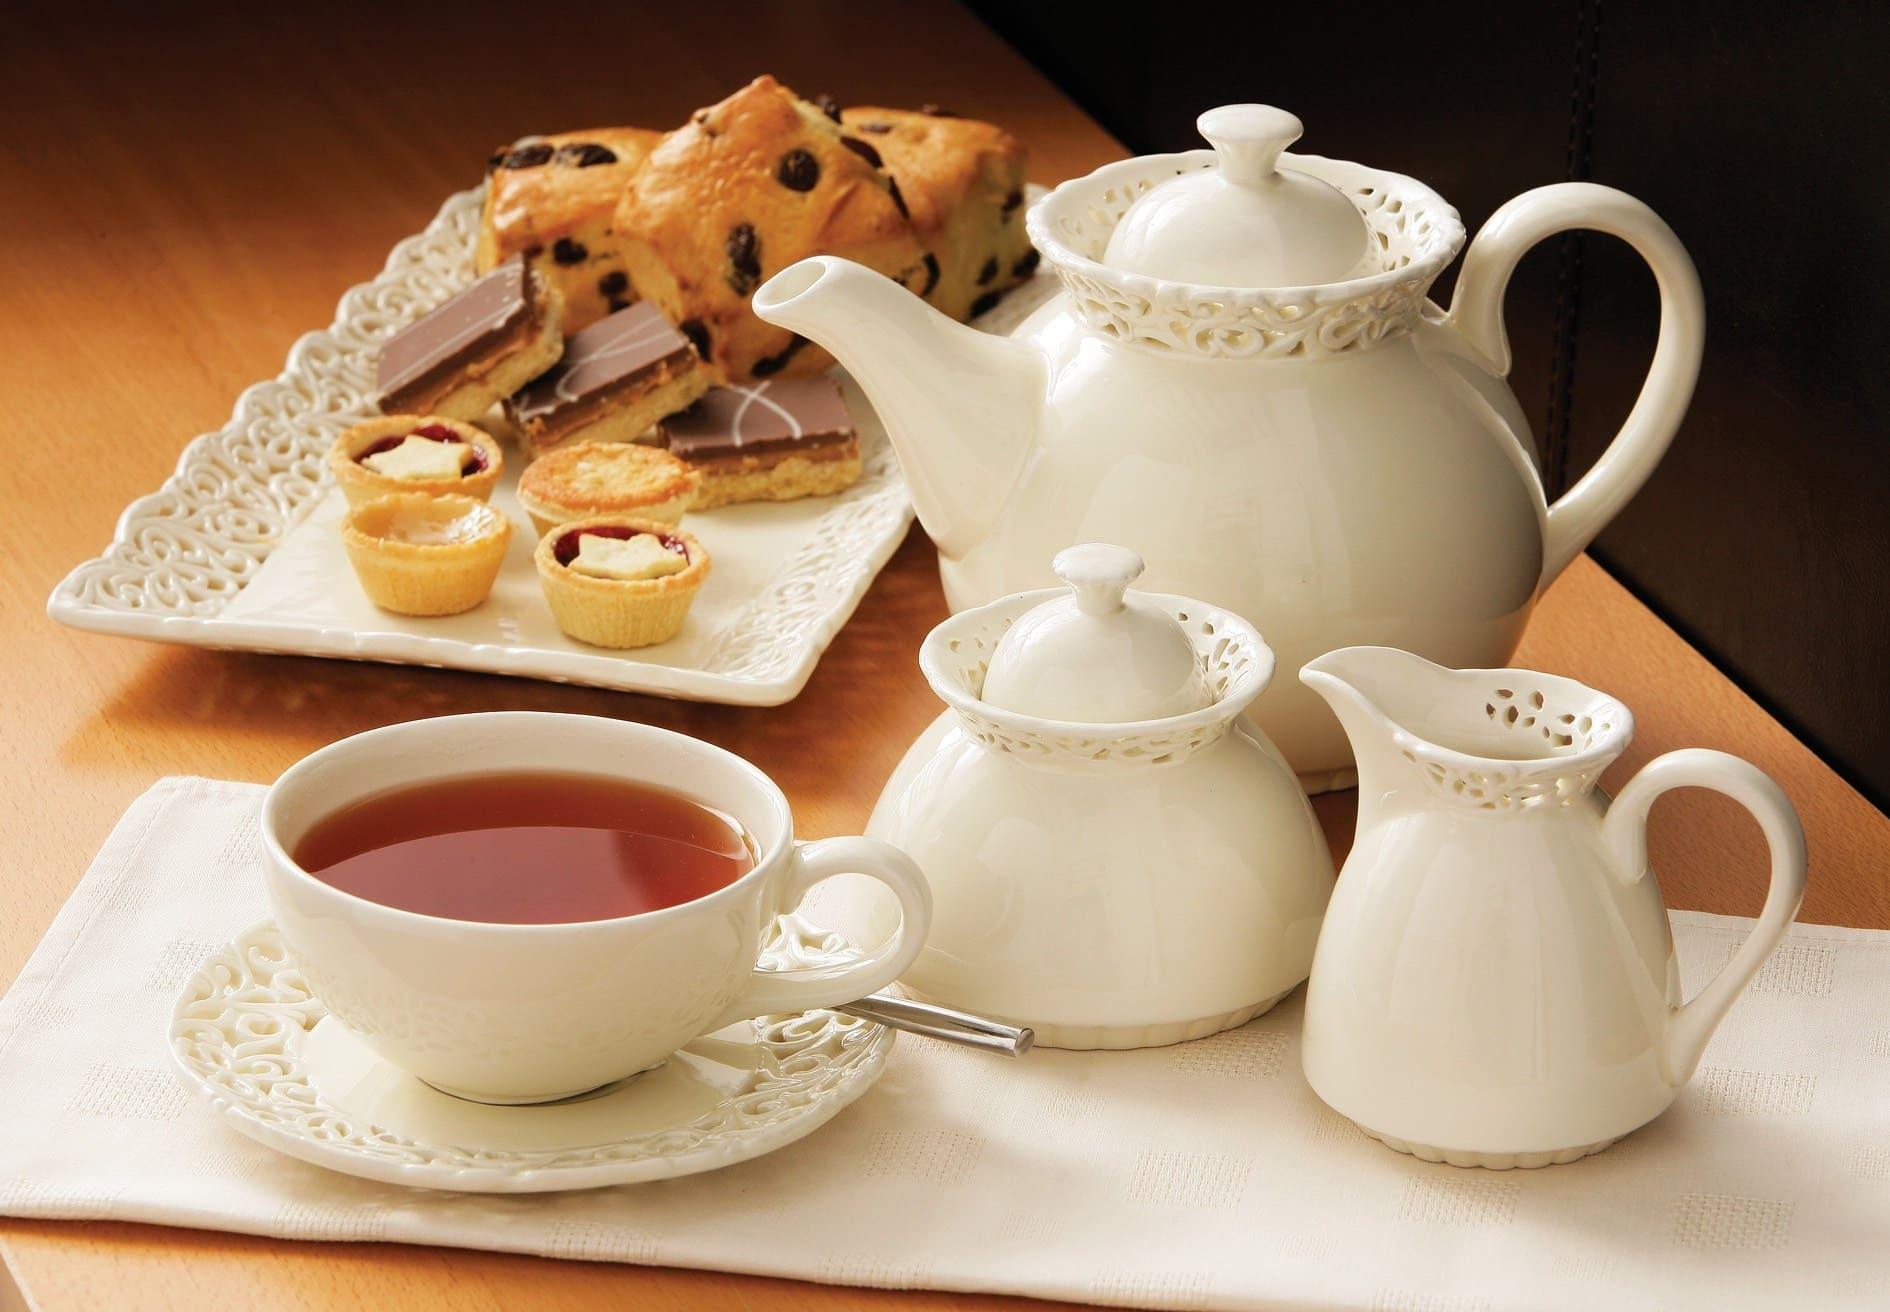 Чайный сервиз, чай и сладости